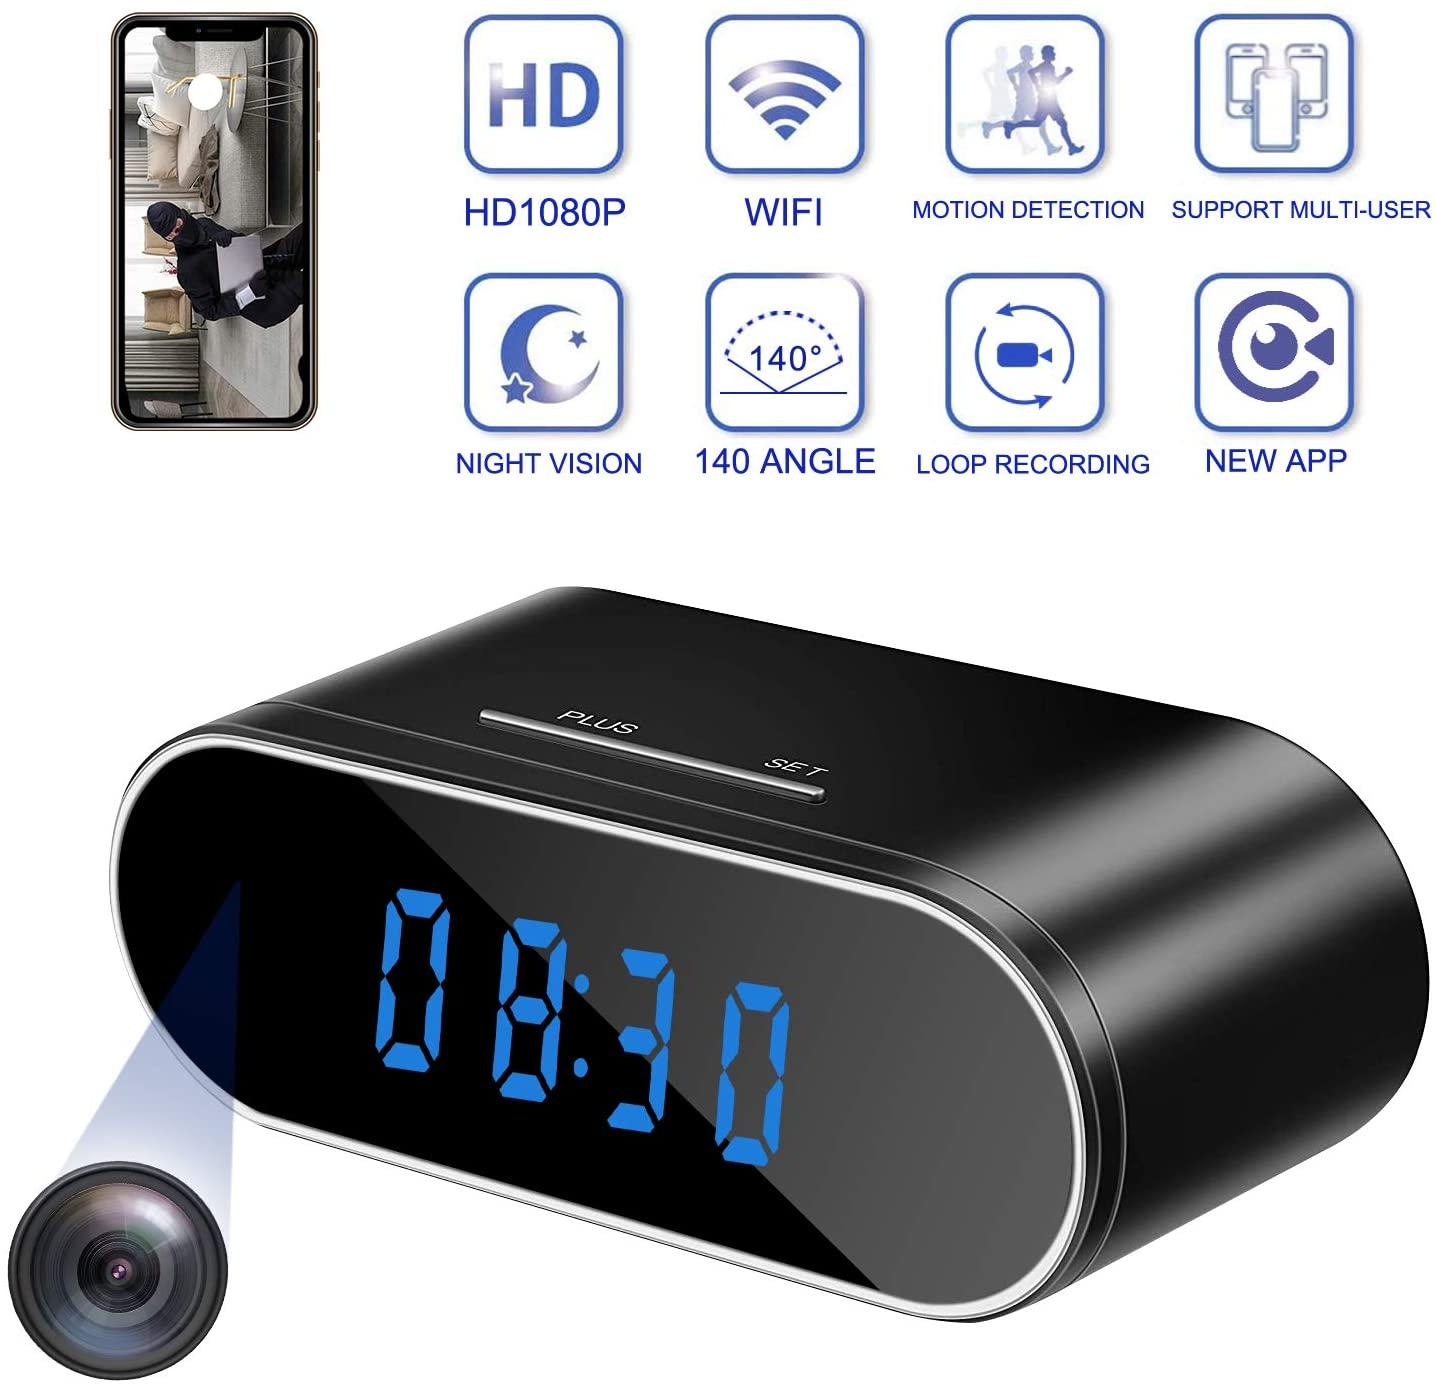 EVKVO – Caméra-réveil HD 1080P, contrôle WIFI, IR dissimulée, modèle PK Z10, horloge numérique mini DV DVR